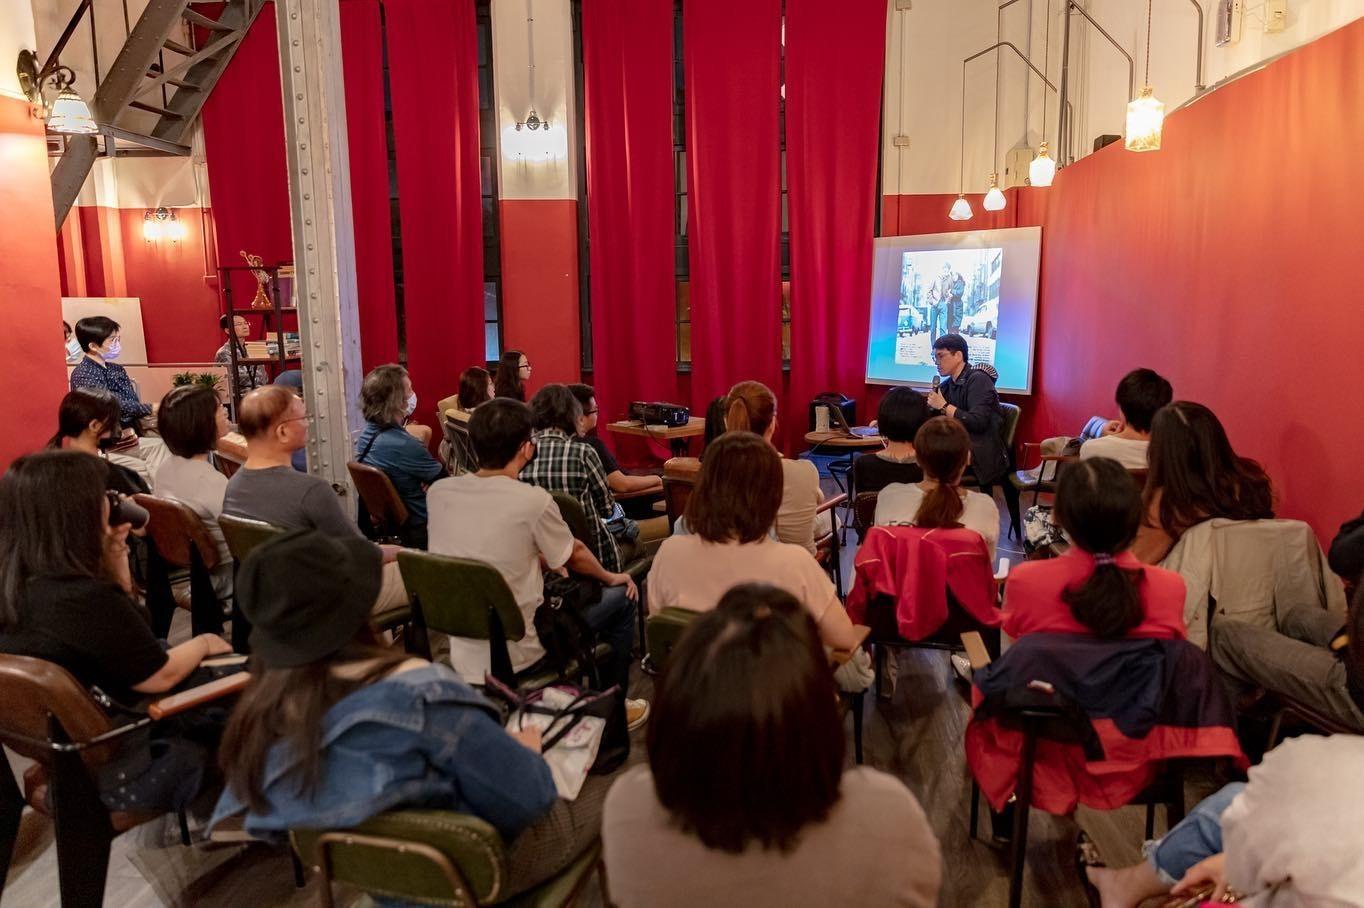 國王蝴蝶秘密基地roicafe咖啡廳-藝文分享活動|小福砌商業咖啡廳空間設計